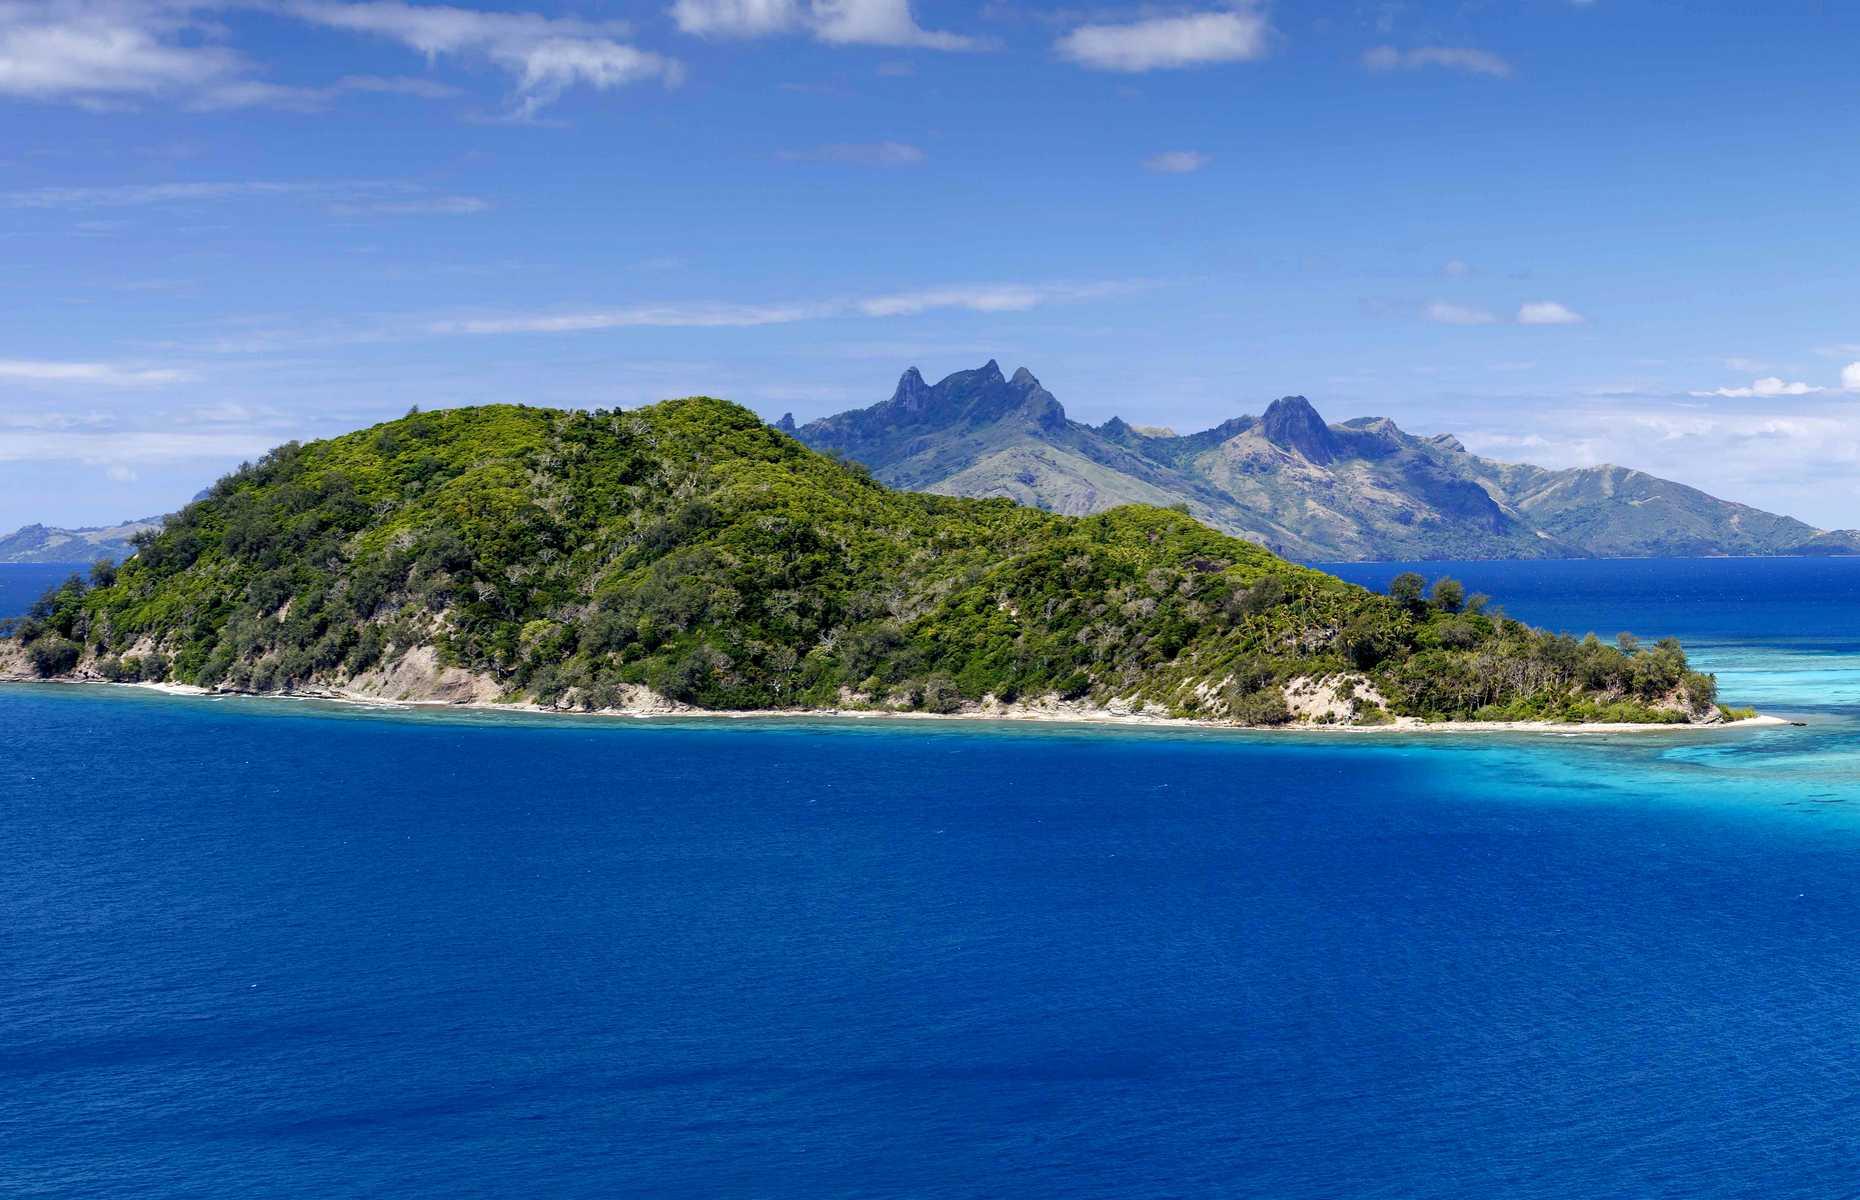 Carte Australie Et Iles Fidji.Australie Fidji Au Cœur Du Pacifique Sud Voyage Australie